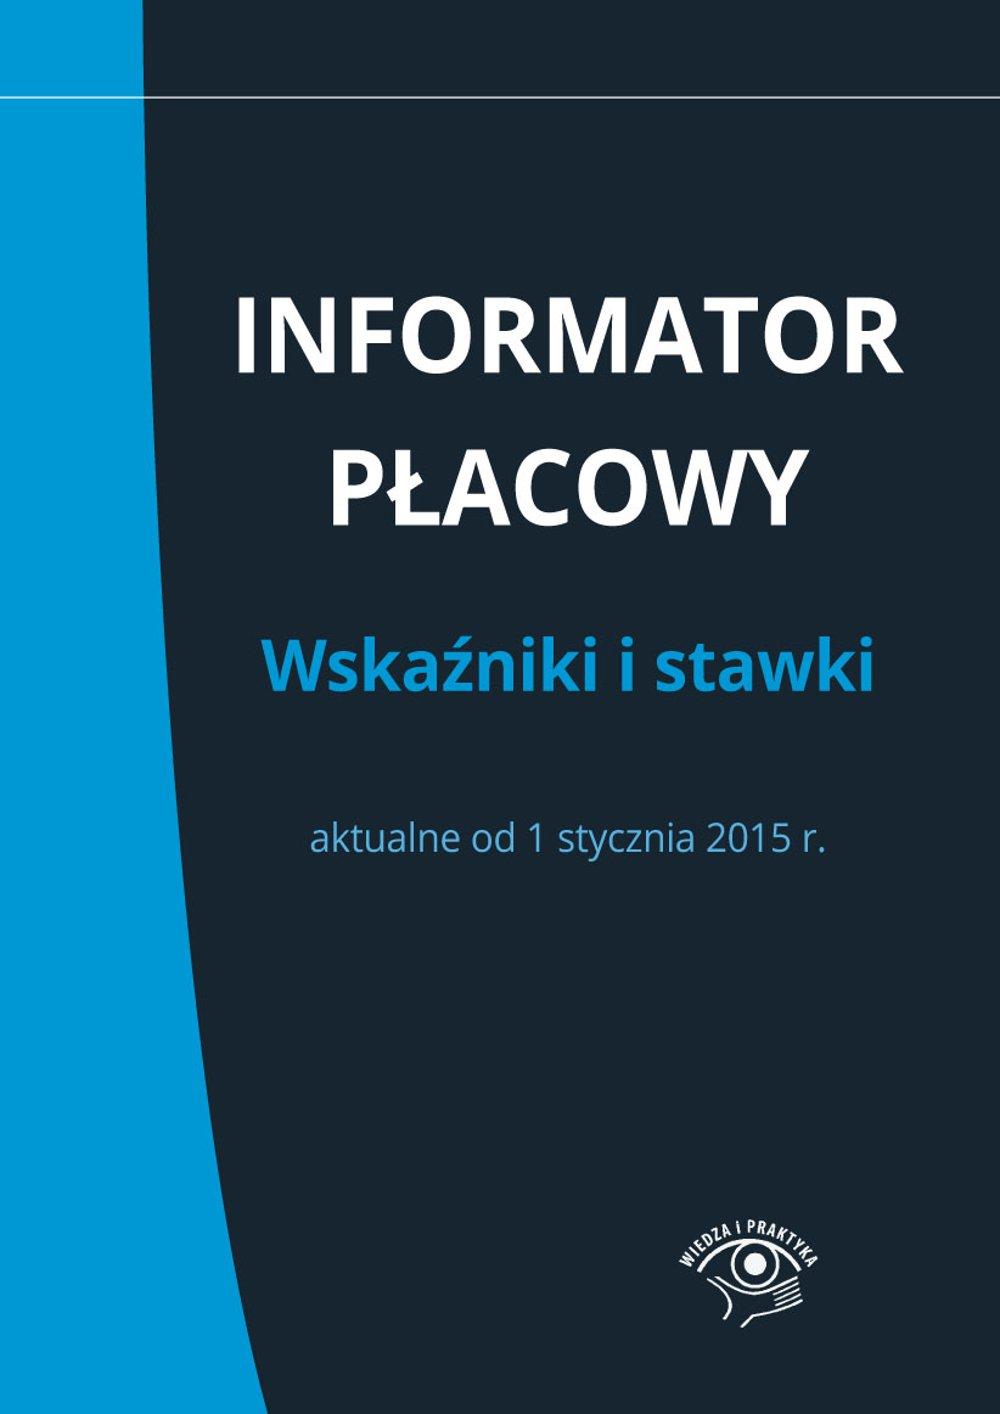 Informator płacowy. Wskaźniki i stawki aktualne od 1 stycznia 2015 r. - Ebook (Książka EPUB) do pobrania w formacie EPUB